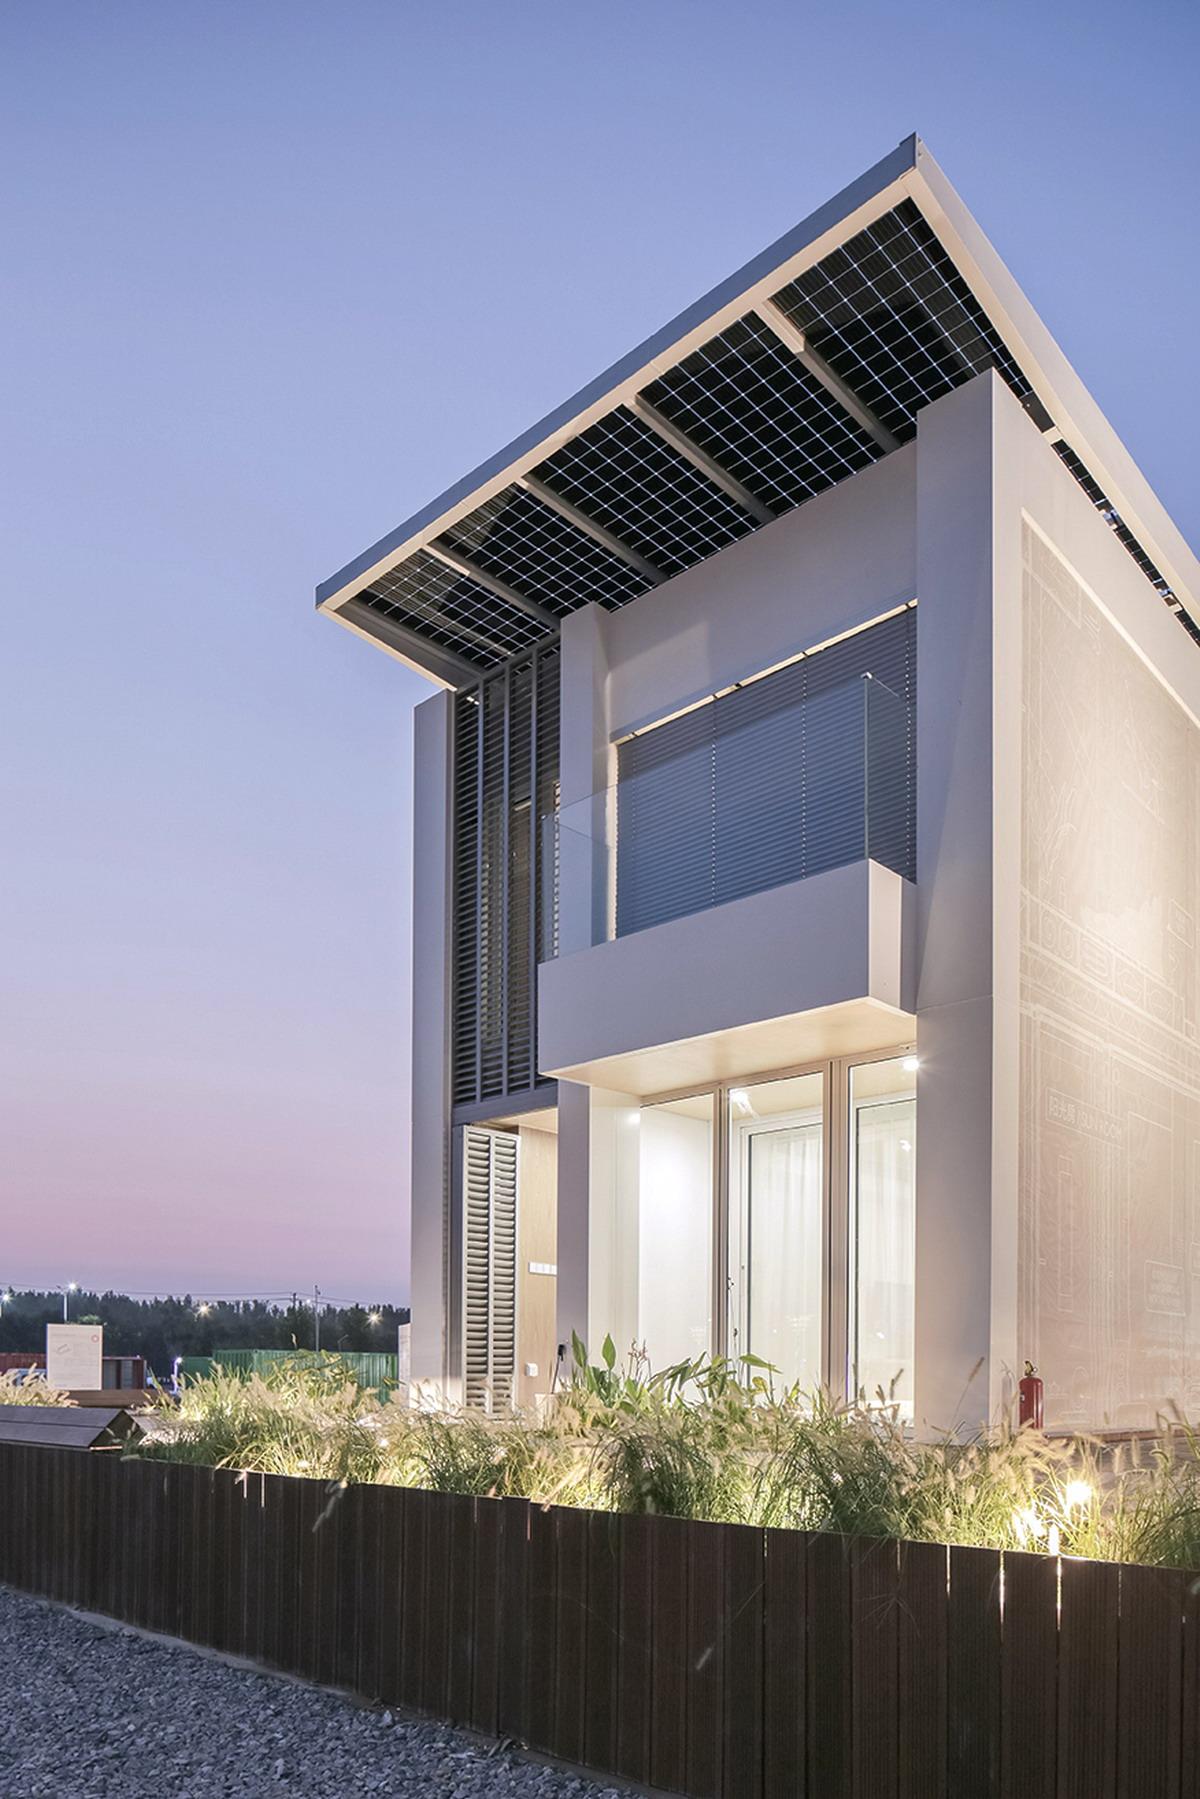 Inaugurata la casa solare del politecnico di torino in - Esposizione solare casa ...